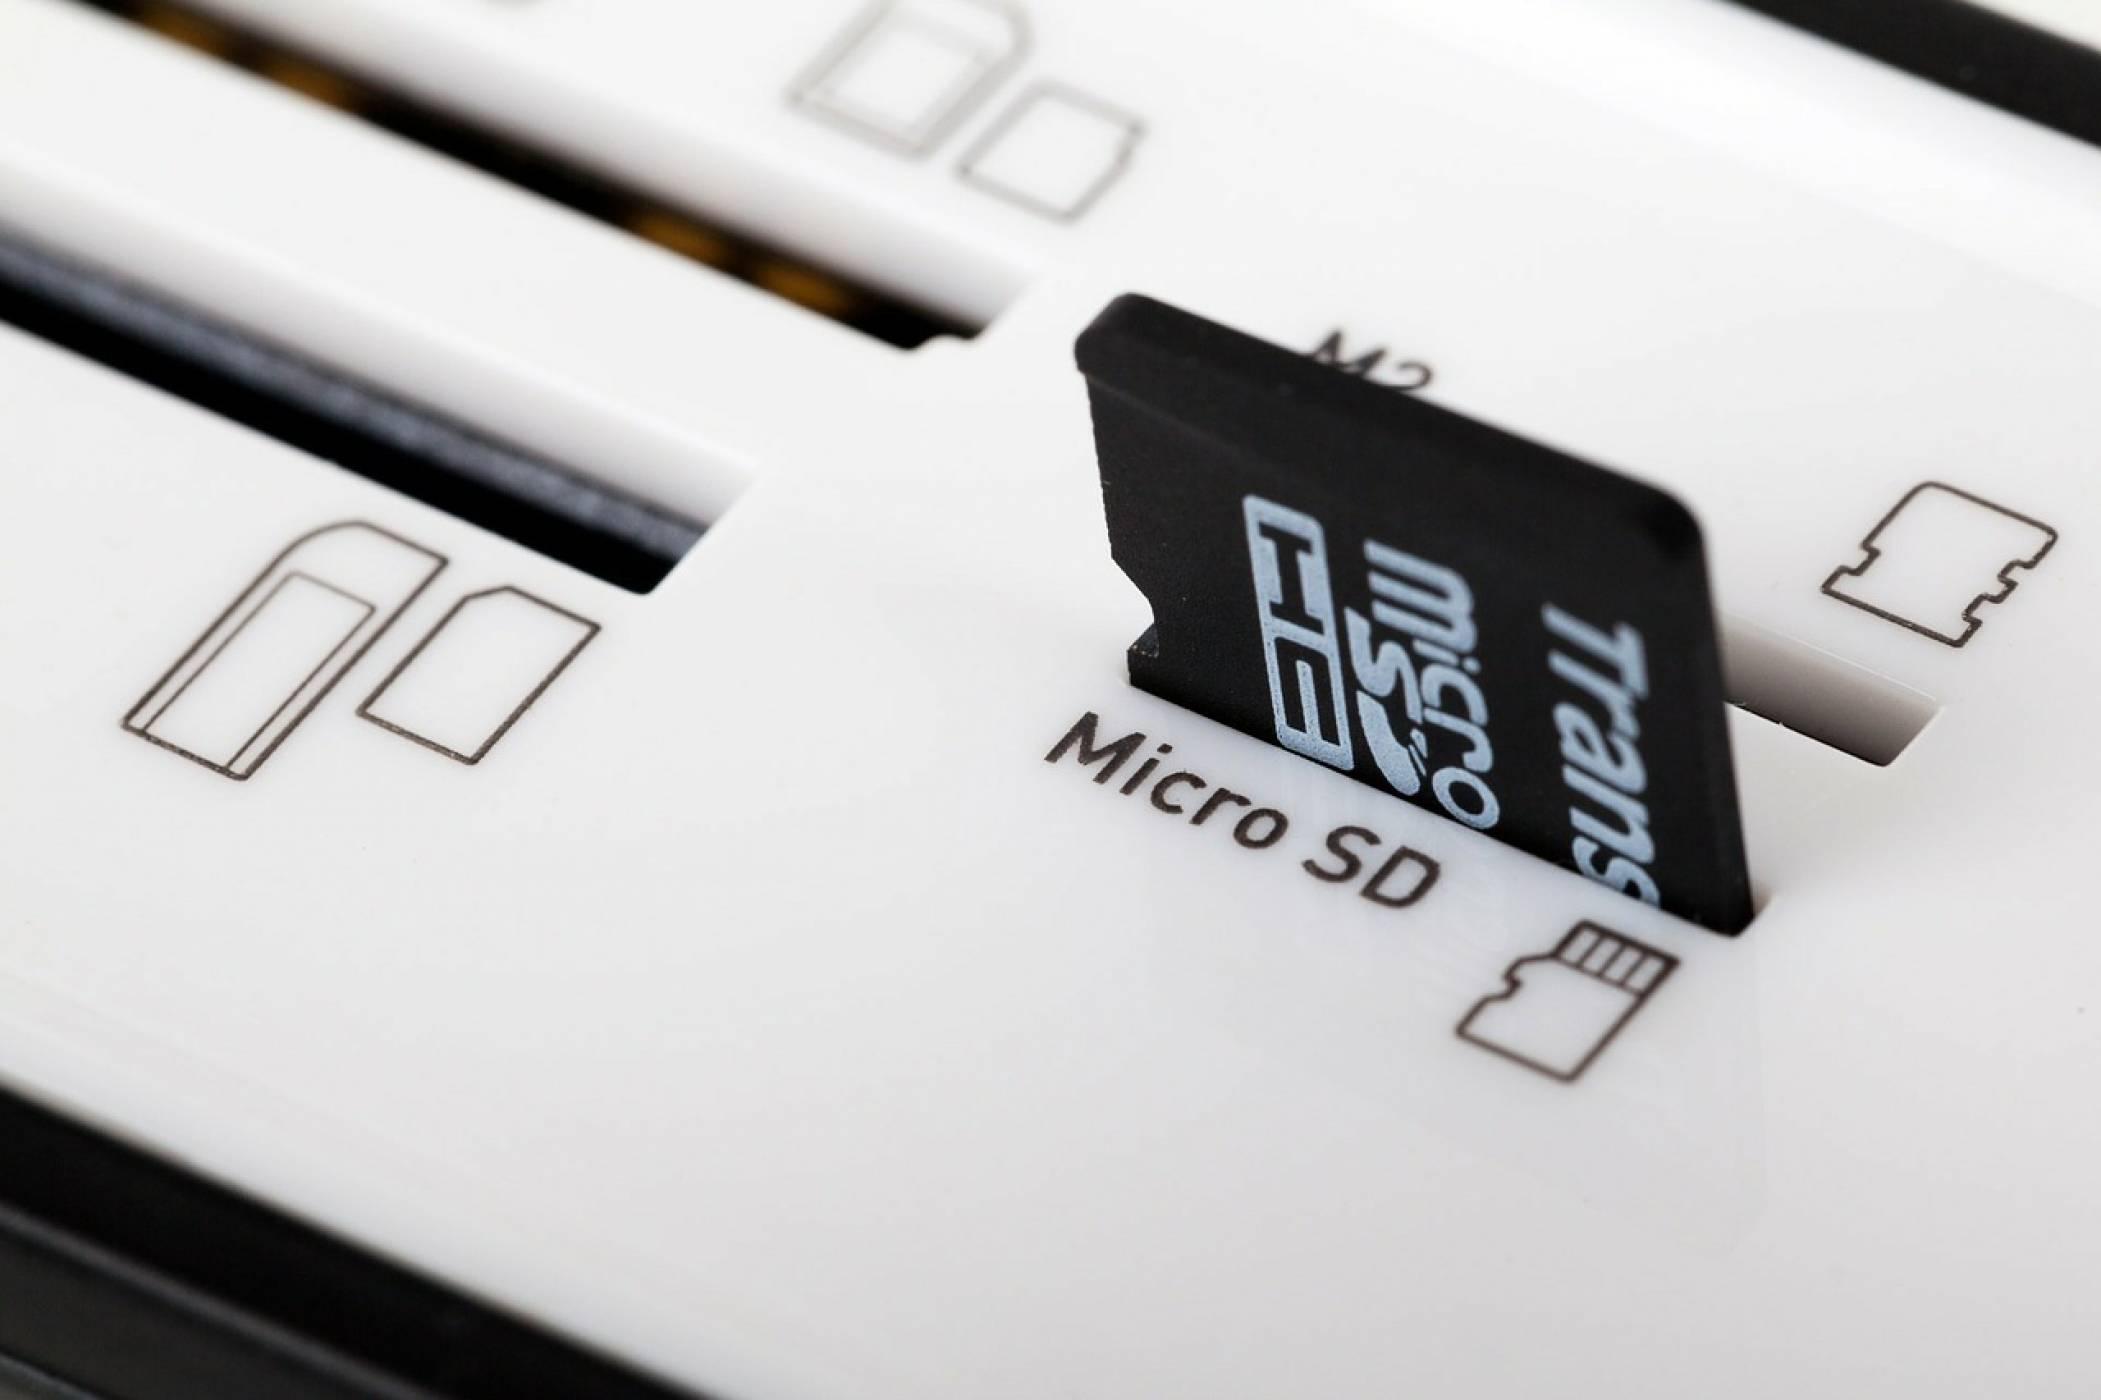 Събери всичко в първата 1 ТВ карта памет от SanDisk и Micron